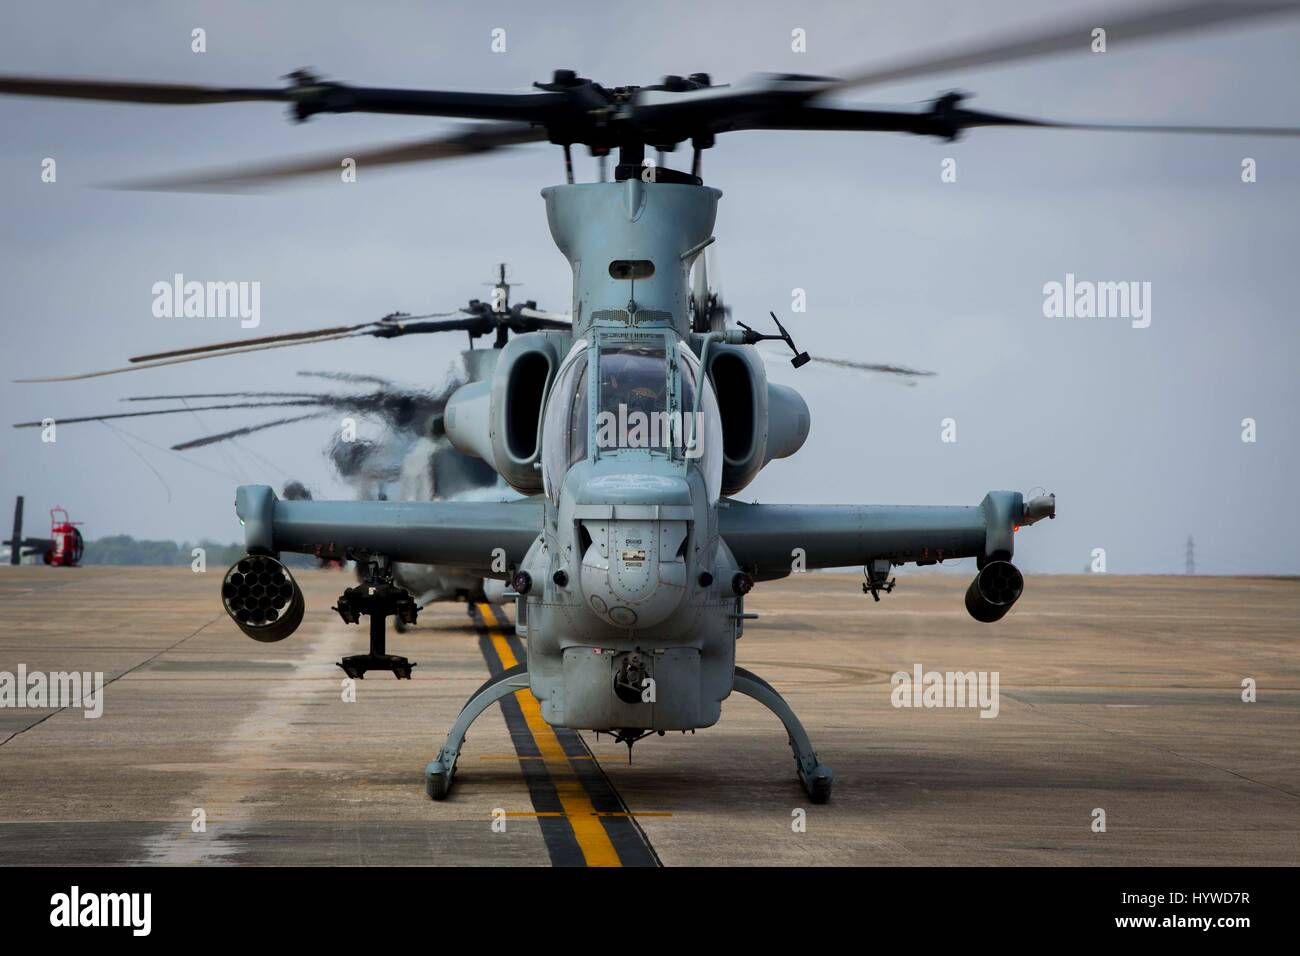 Owinawa, Japón. 26 abr, 2017. Un Cuerpo de Marines de EE.UU AH-1W Super Cobra helicópteros de ataque iniciar comprobaciones previas al vuelo, antes de iniciar una misión ensayo ejercer en Marine Corps Air Station Futenma Abril 26, 2017 en Okinawa, Japón. Las fuerzas estadounidenses en la región de Asia han aumentado los ejercicios de combate como siguen aumentando las tensiones entre Estados Unidos y Corea del Norte. Crédito: Planetpix/Alamy Live News Foto de stock